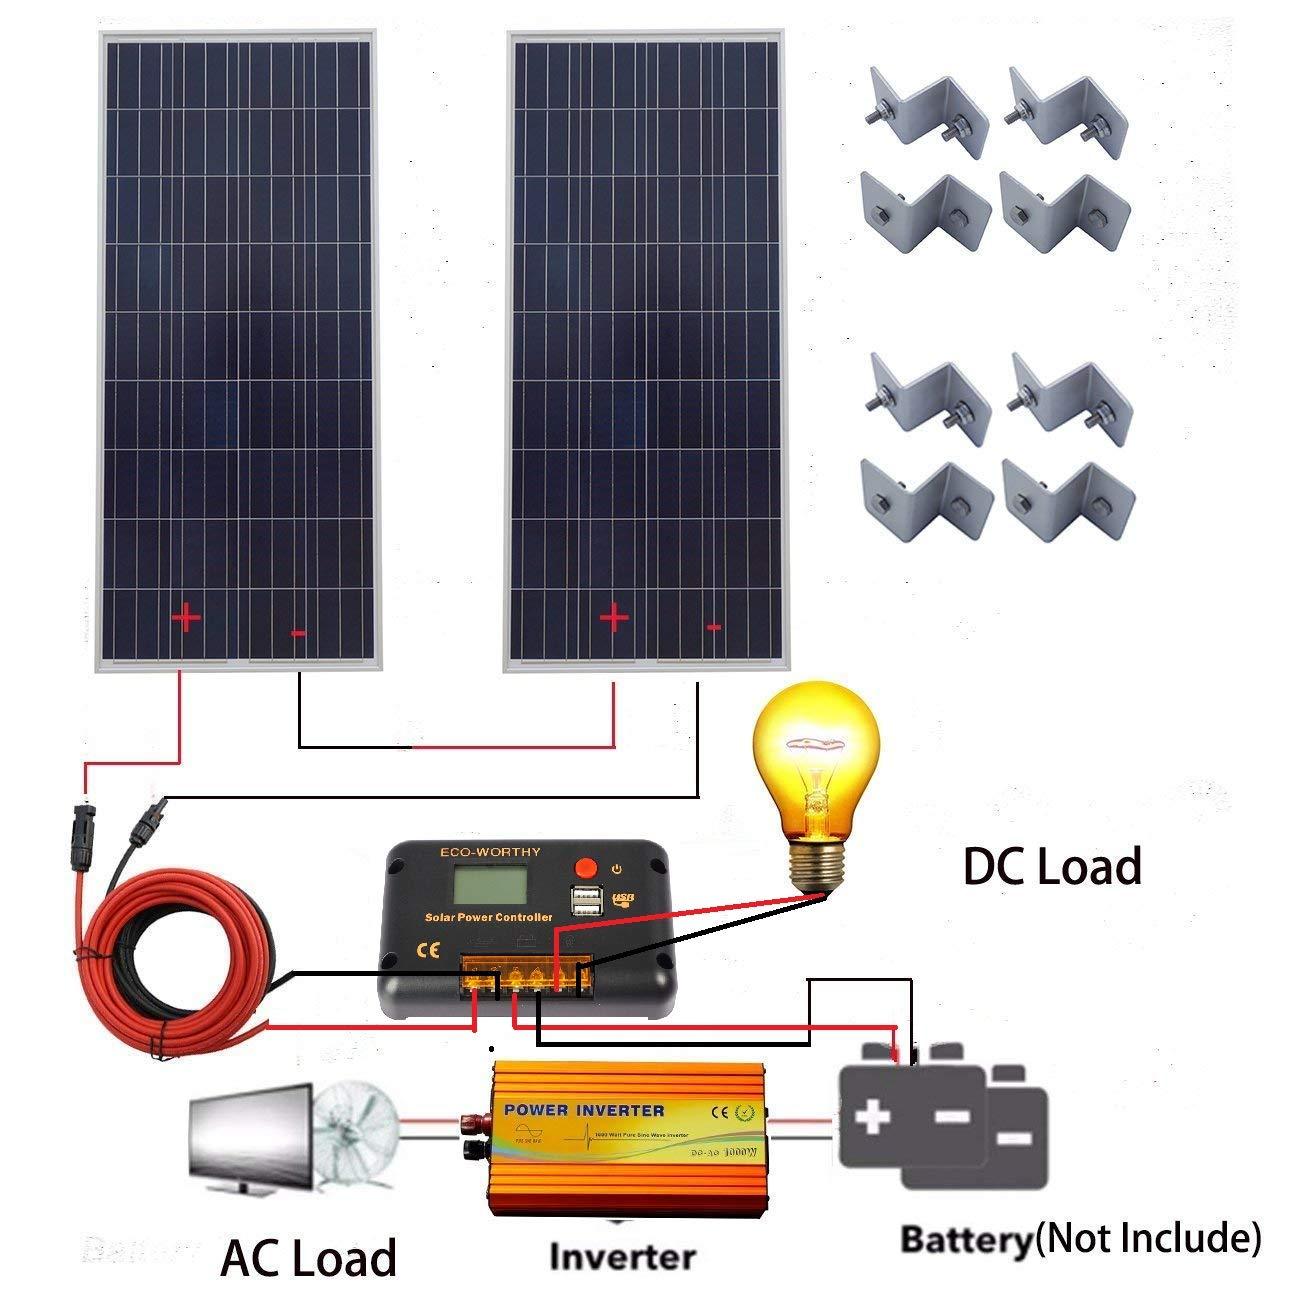 【メール便送料無料対応可】 ECO-WORTHY 300W ソーラーパネル 300W 24V オフグリッドソーラーキット: B01MTG57WL 2個 160W ソーラーパネル+ソーラーチャージコントローラー+1000W 2個 正弦波インバーター+MC4 ソーラケーブル+ソーラーパネルマウント取付金具 B01MTG57WL, アーキサイト@ダイレクト:32ef0ee5 --- a0267596.xsph.ru